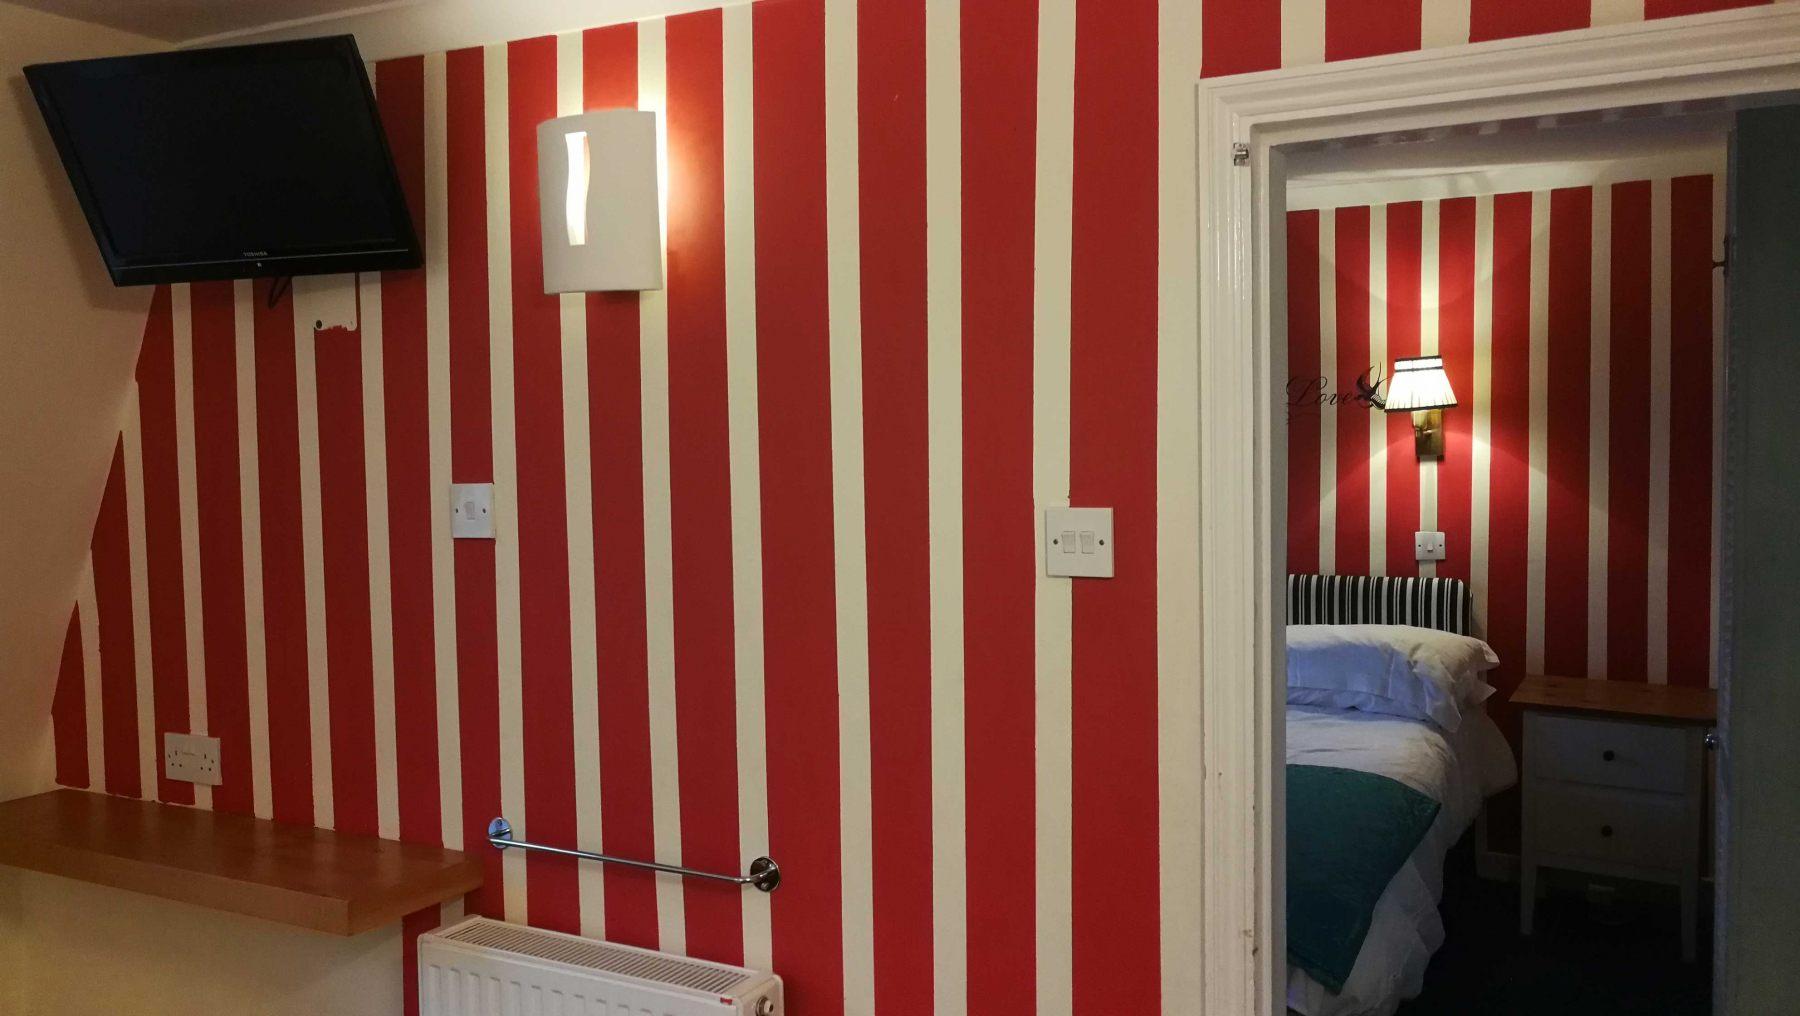 rs-3-tv-in-bedroom-2